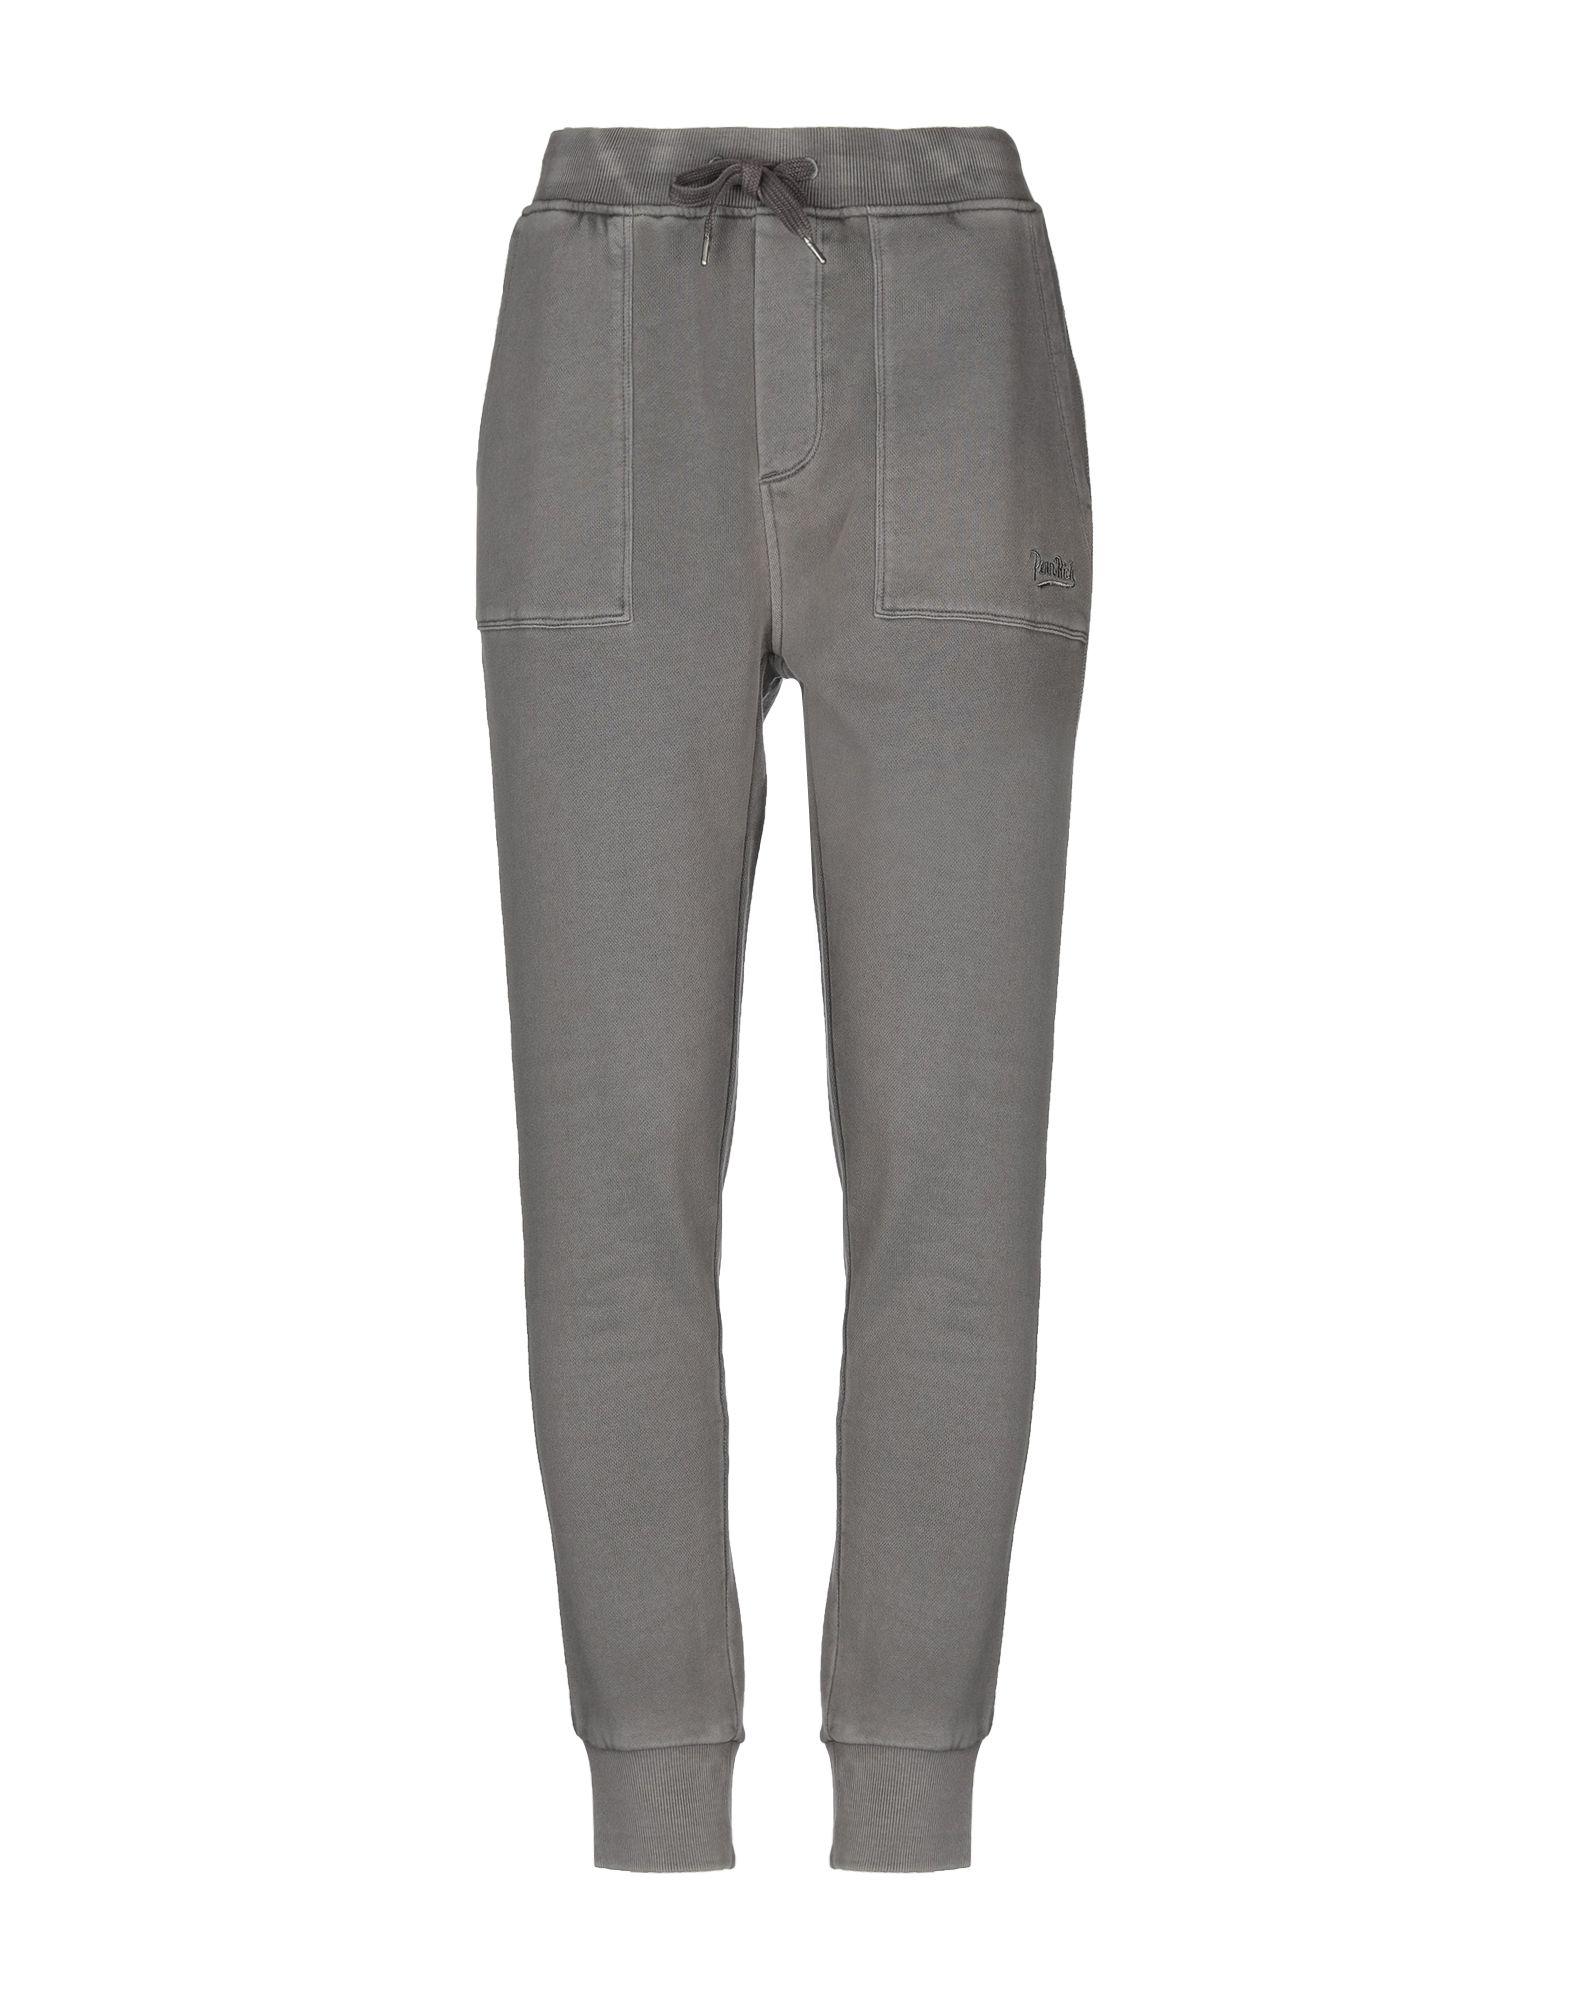 PENN-RICH WOOLRICH (PA) Повседневные брюки penn rich woolrich pa пальто